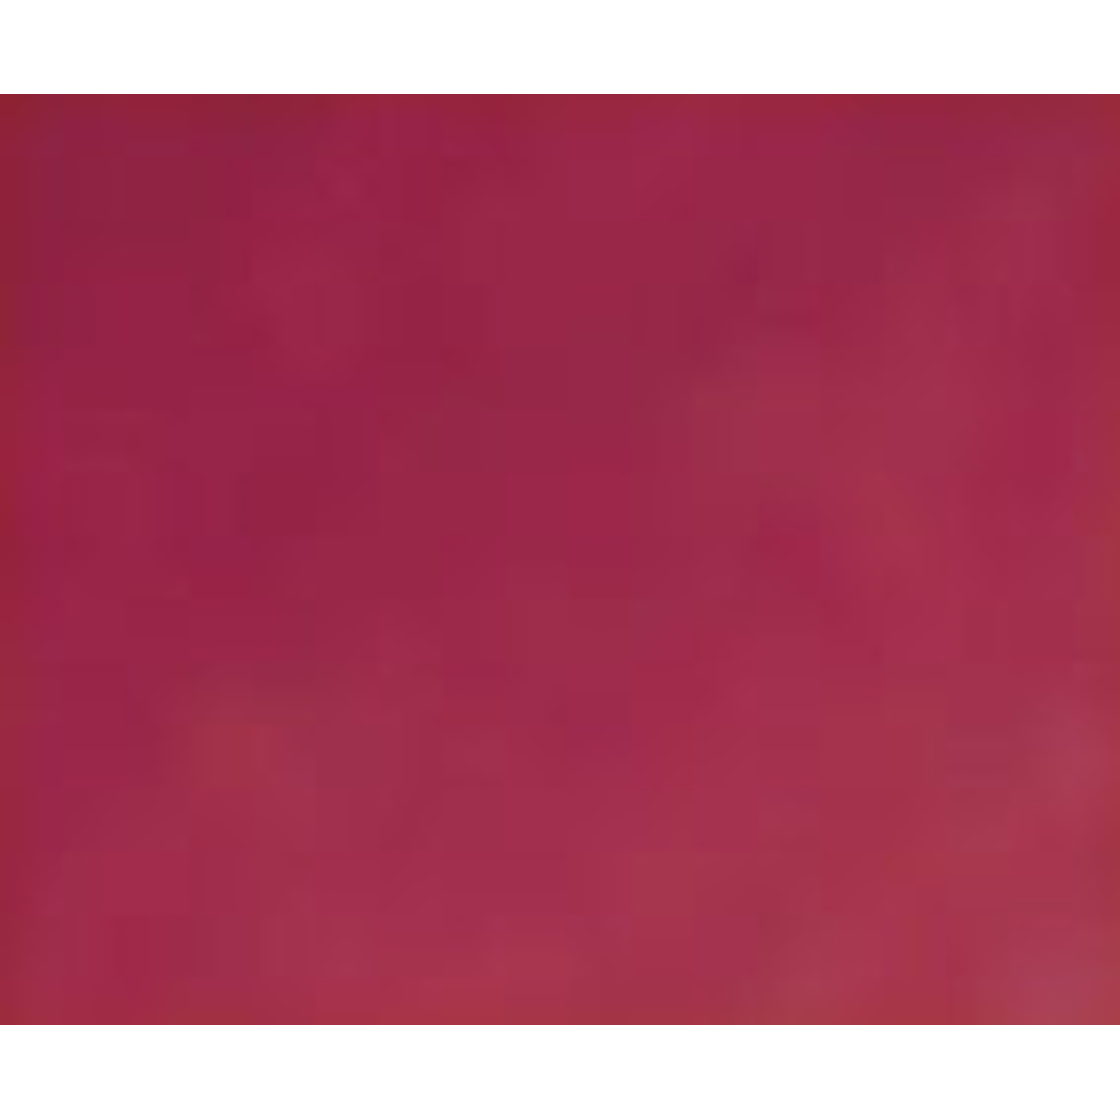 Textilfarbe, Pink, Perlmutt/Metallic-Effekt, 250ml